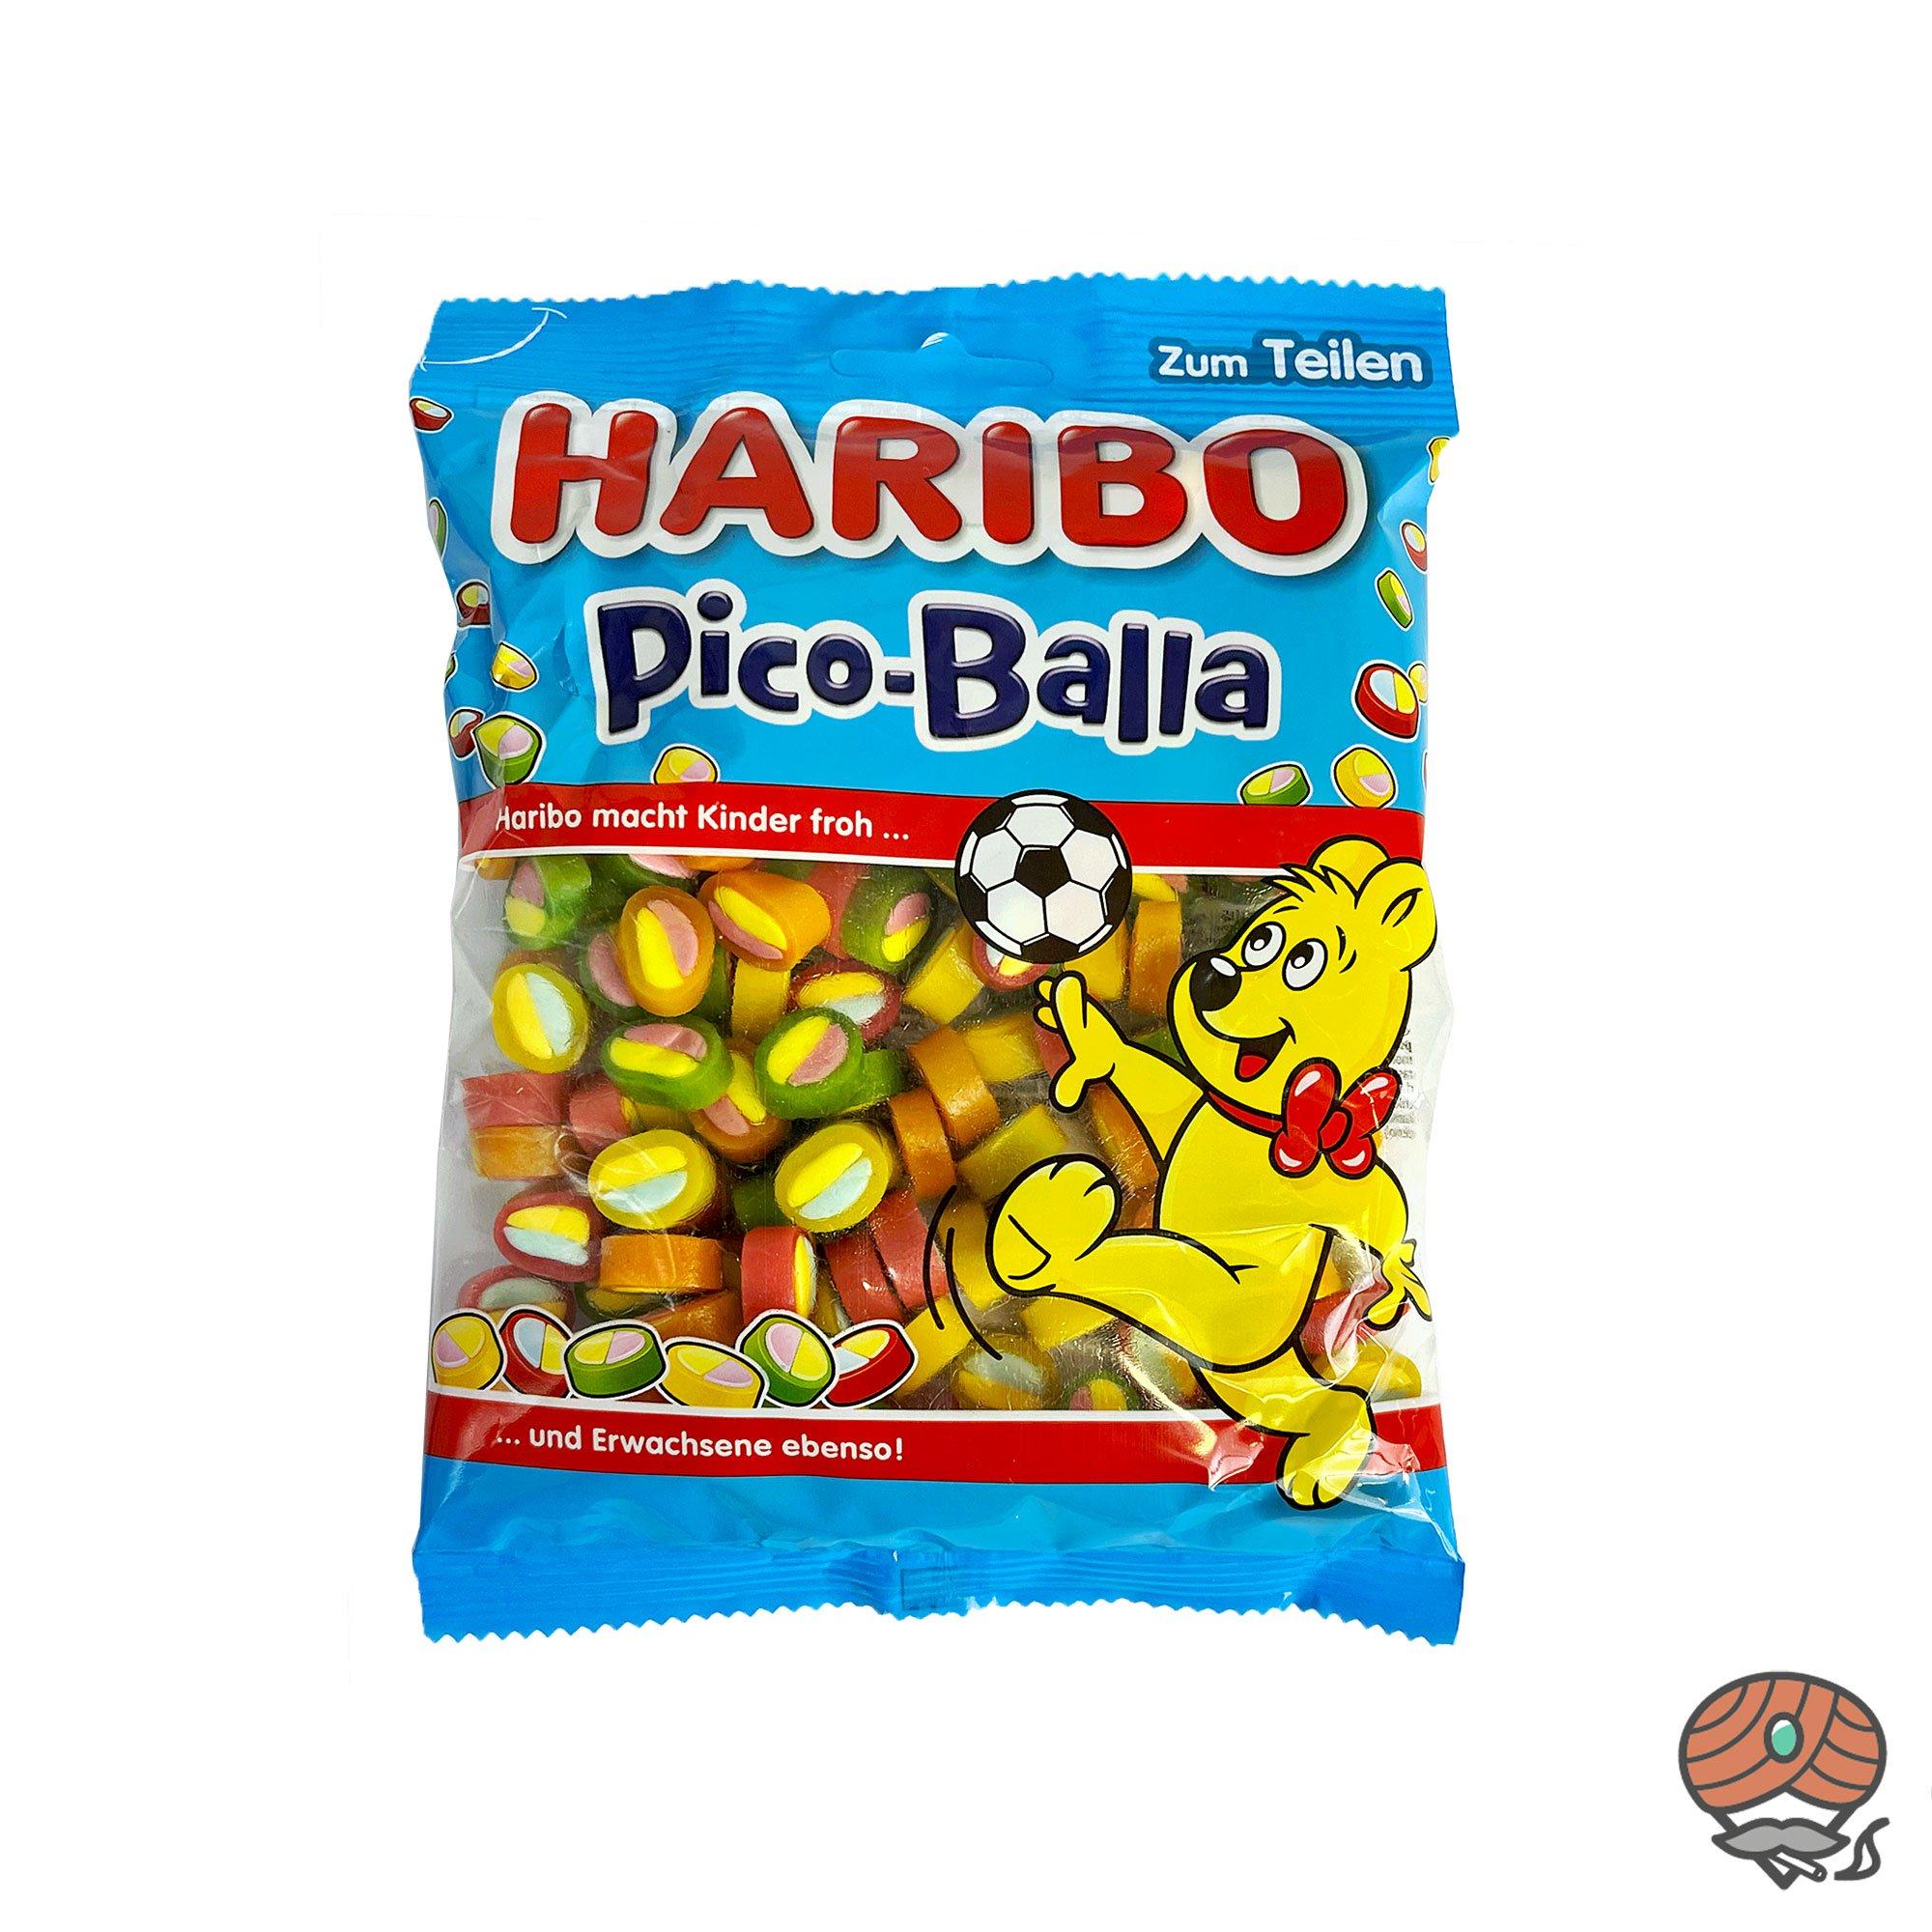 Haribo Pico Balla 175g Beutel